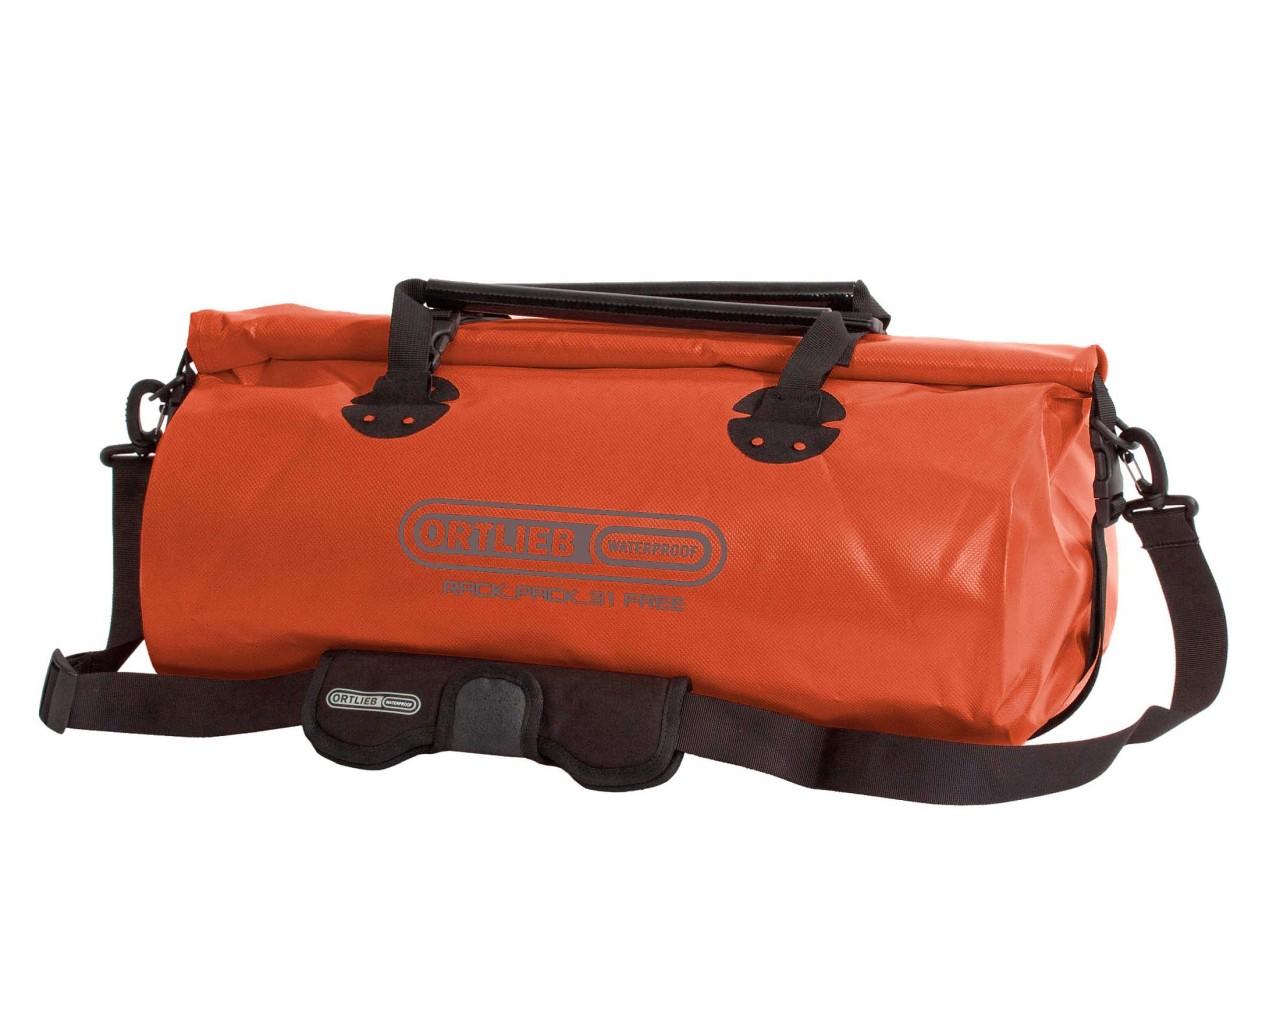 Ortlieb Rack-Pack Free 31 litres waterproof Tasche PVC free | rust